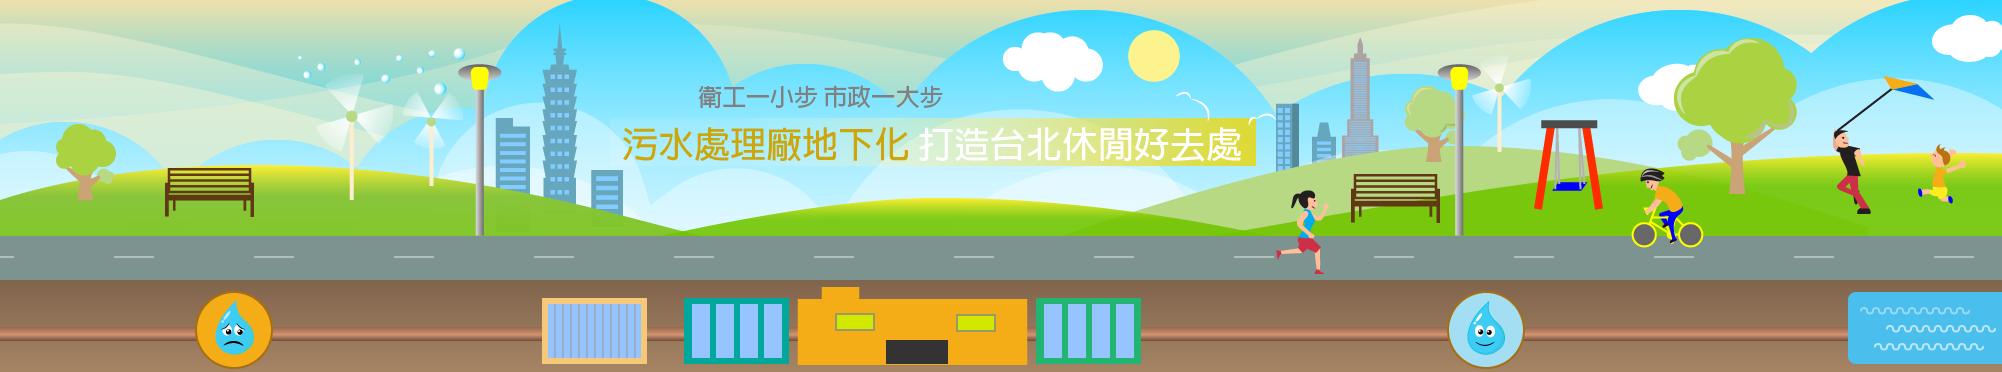 污水處理廠地下化 打造台北休閒好去處